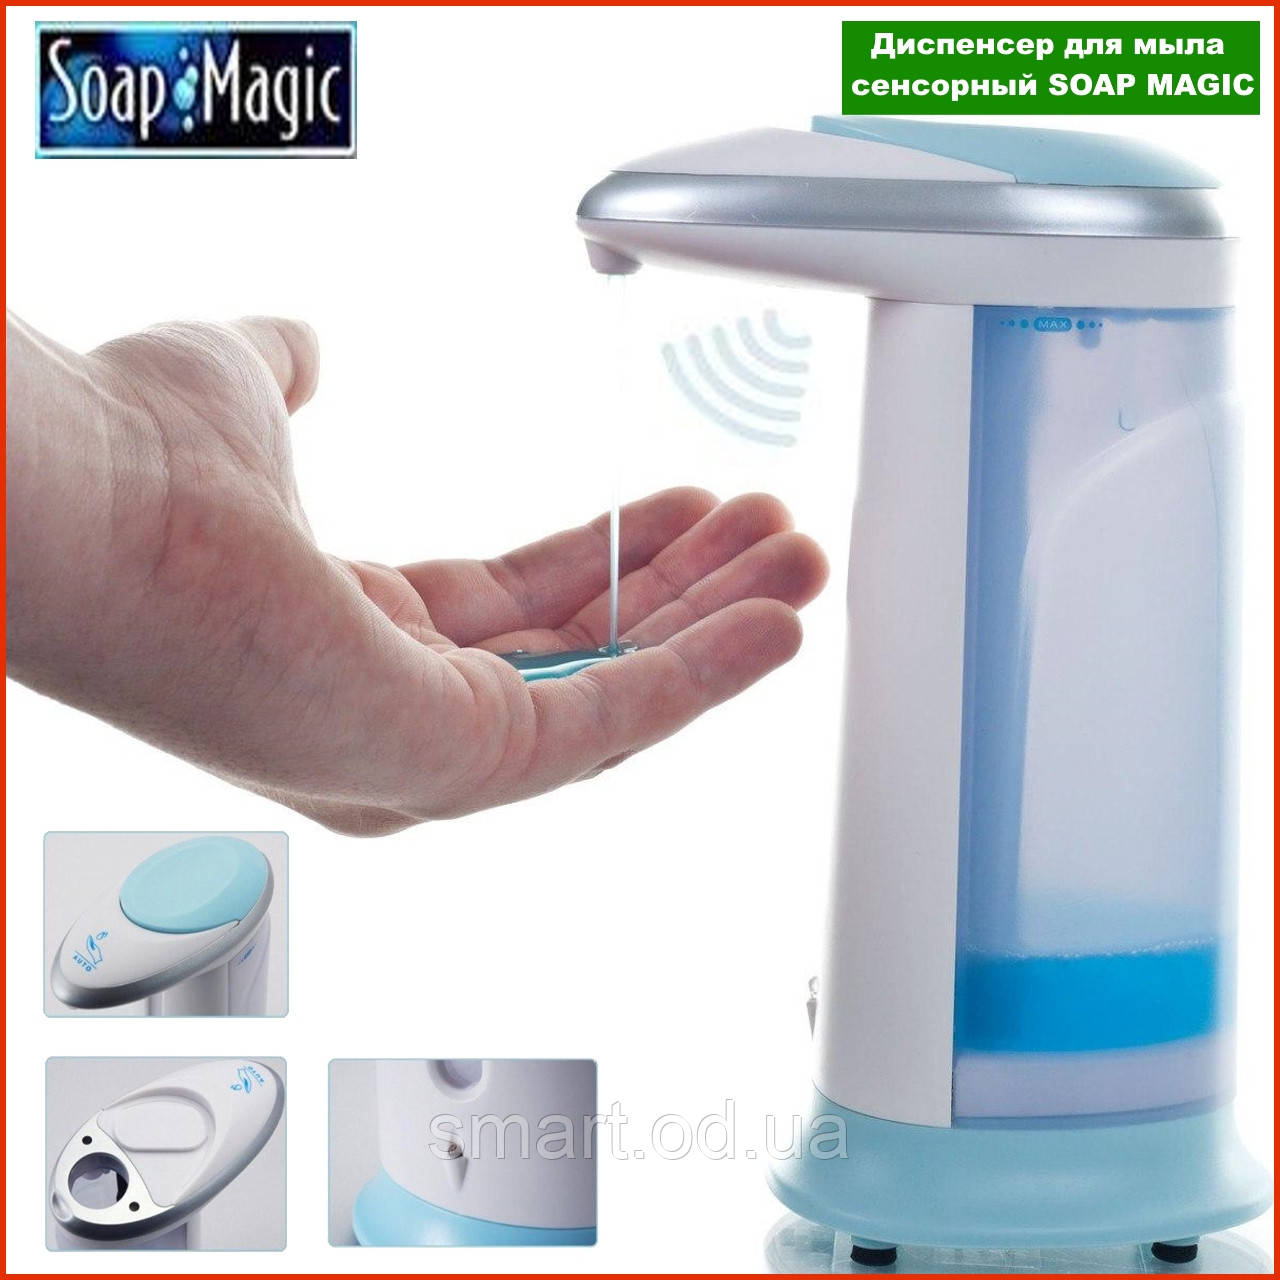 Сенсорний дозатор для рідкого мила Soap Magic диспенсер автоматична мильниця 380мл. Соап Меджик